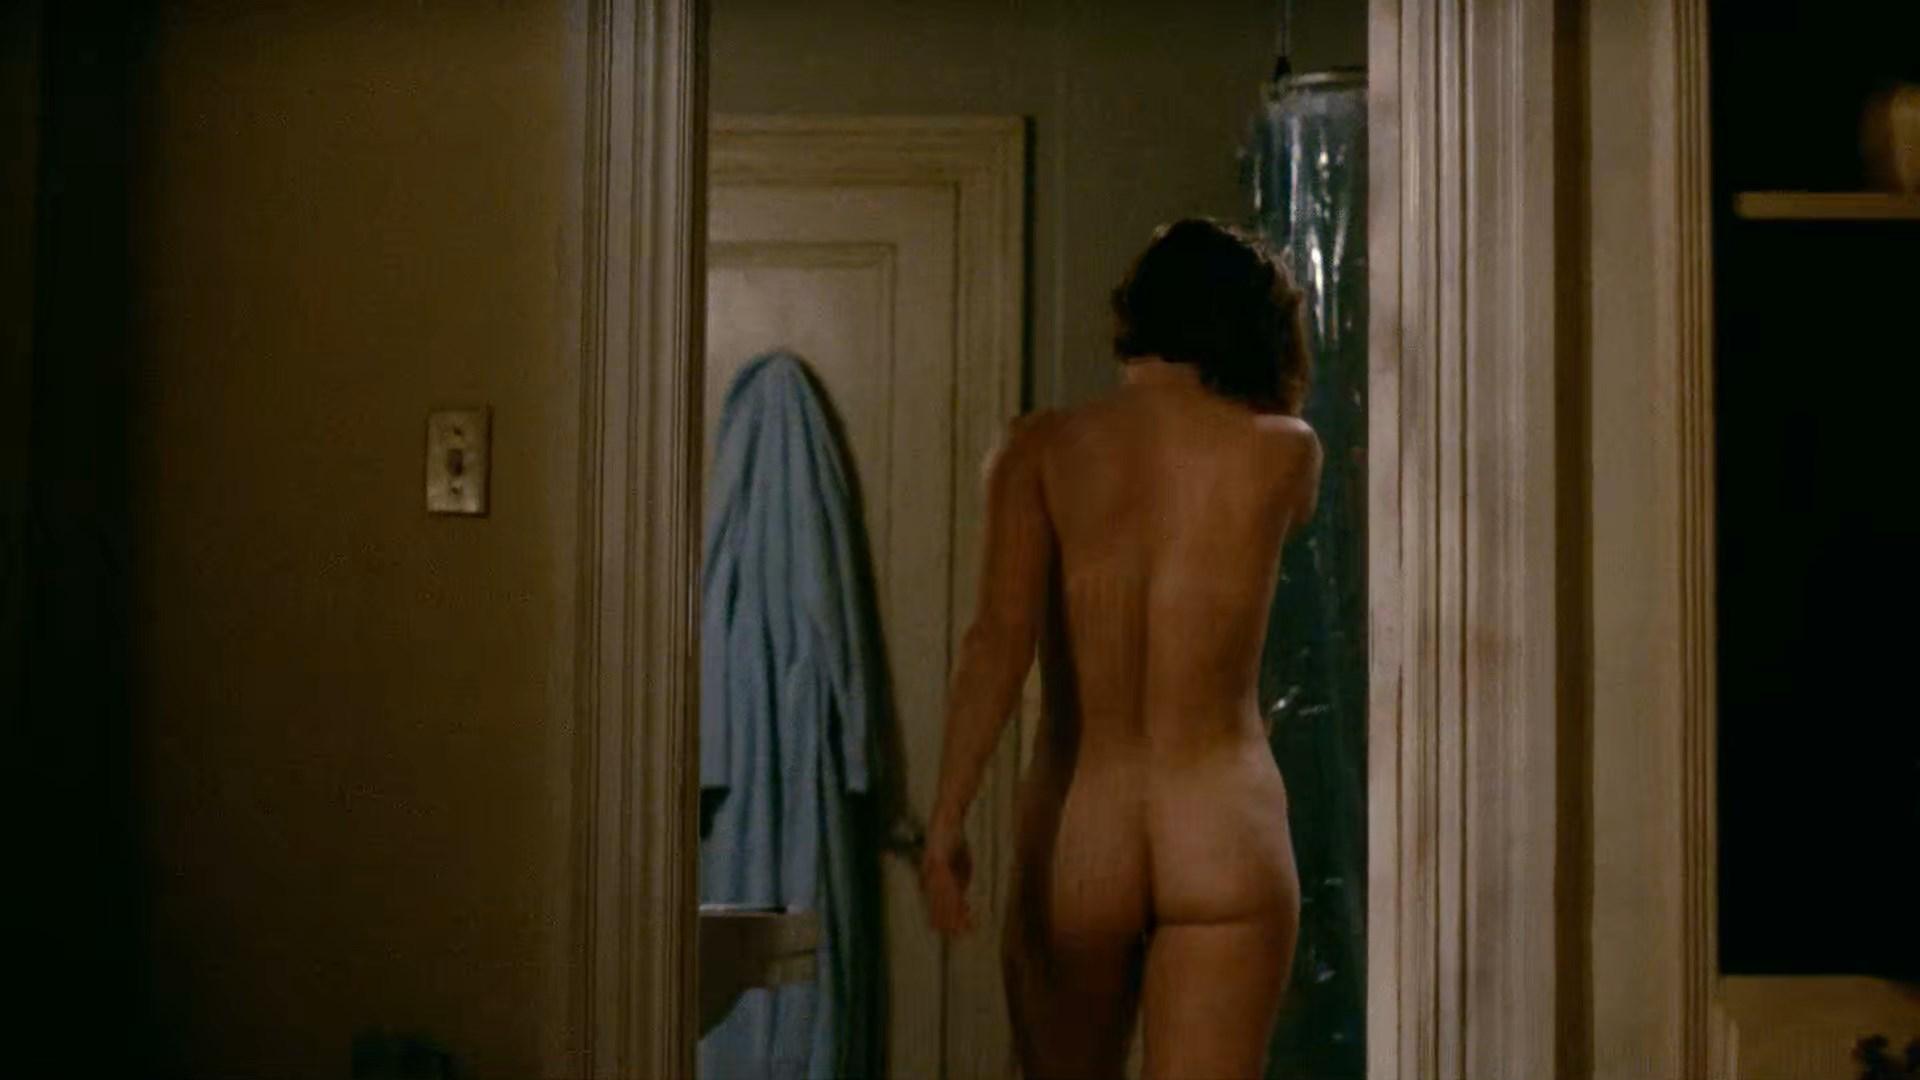 Naked nude gail o'grady